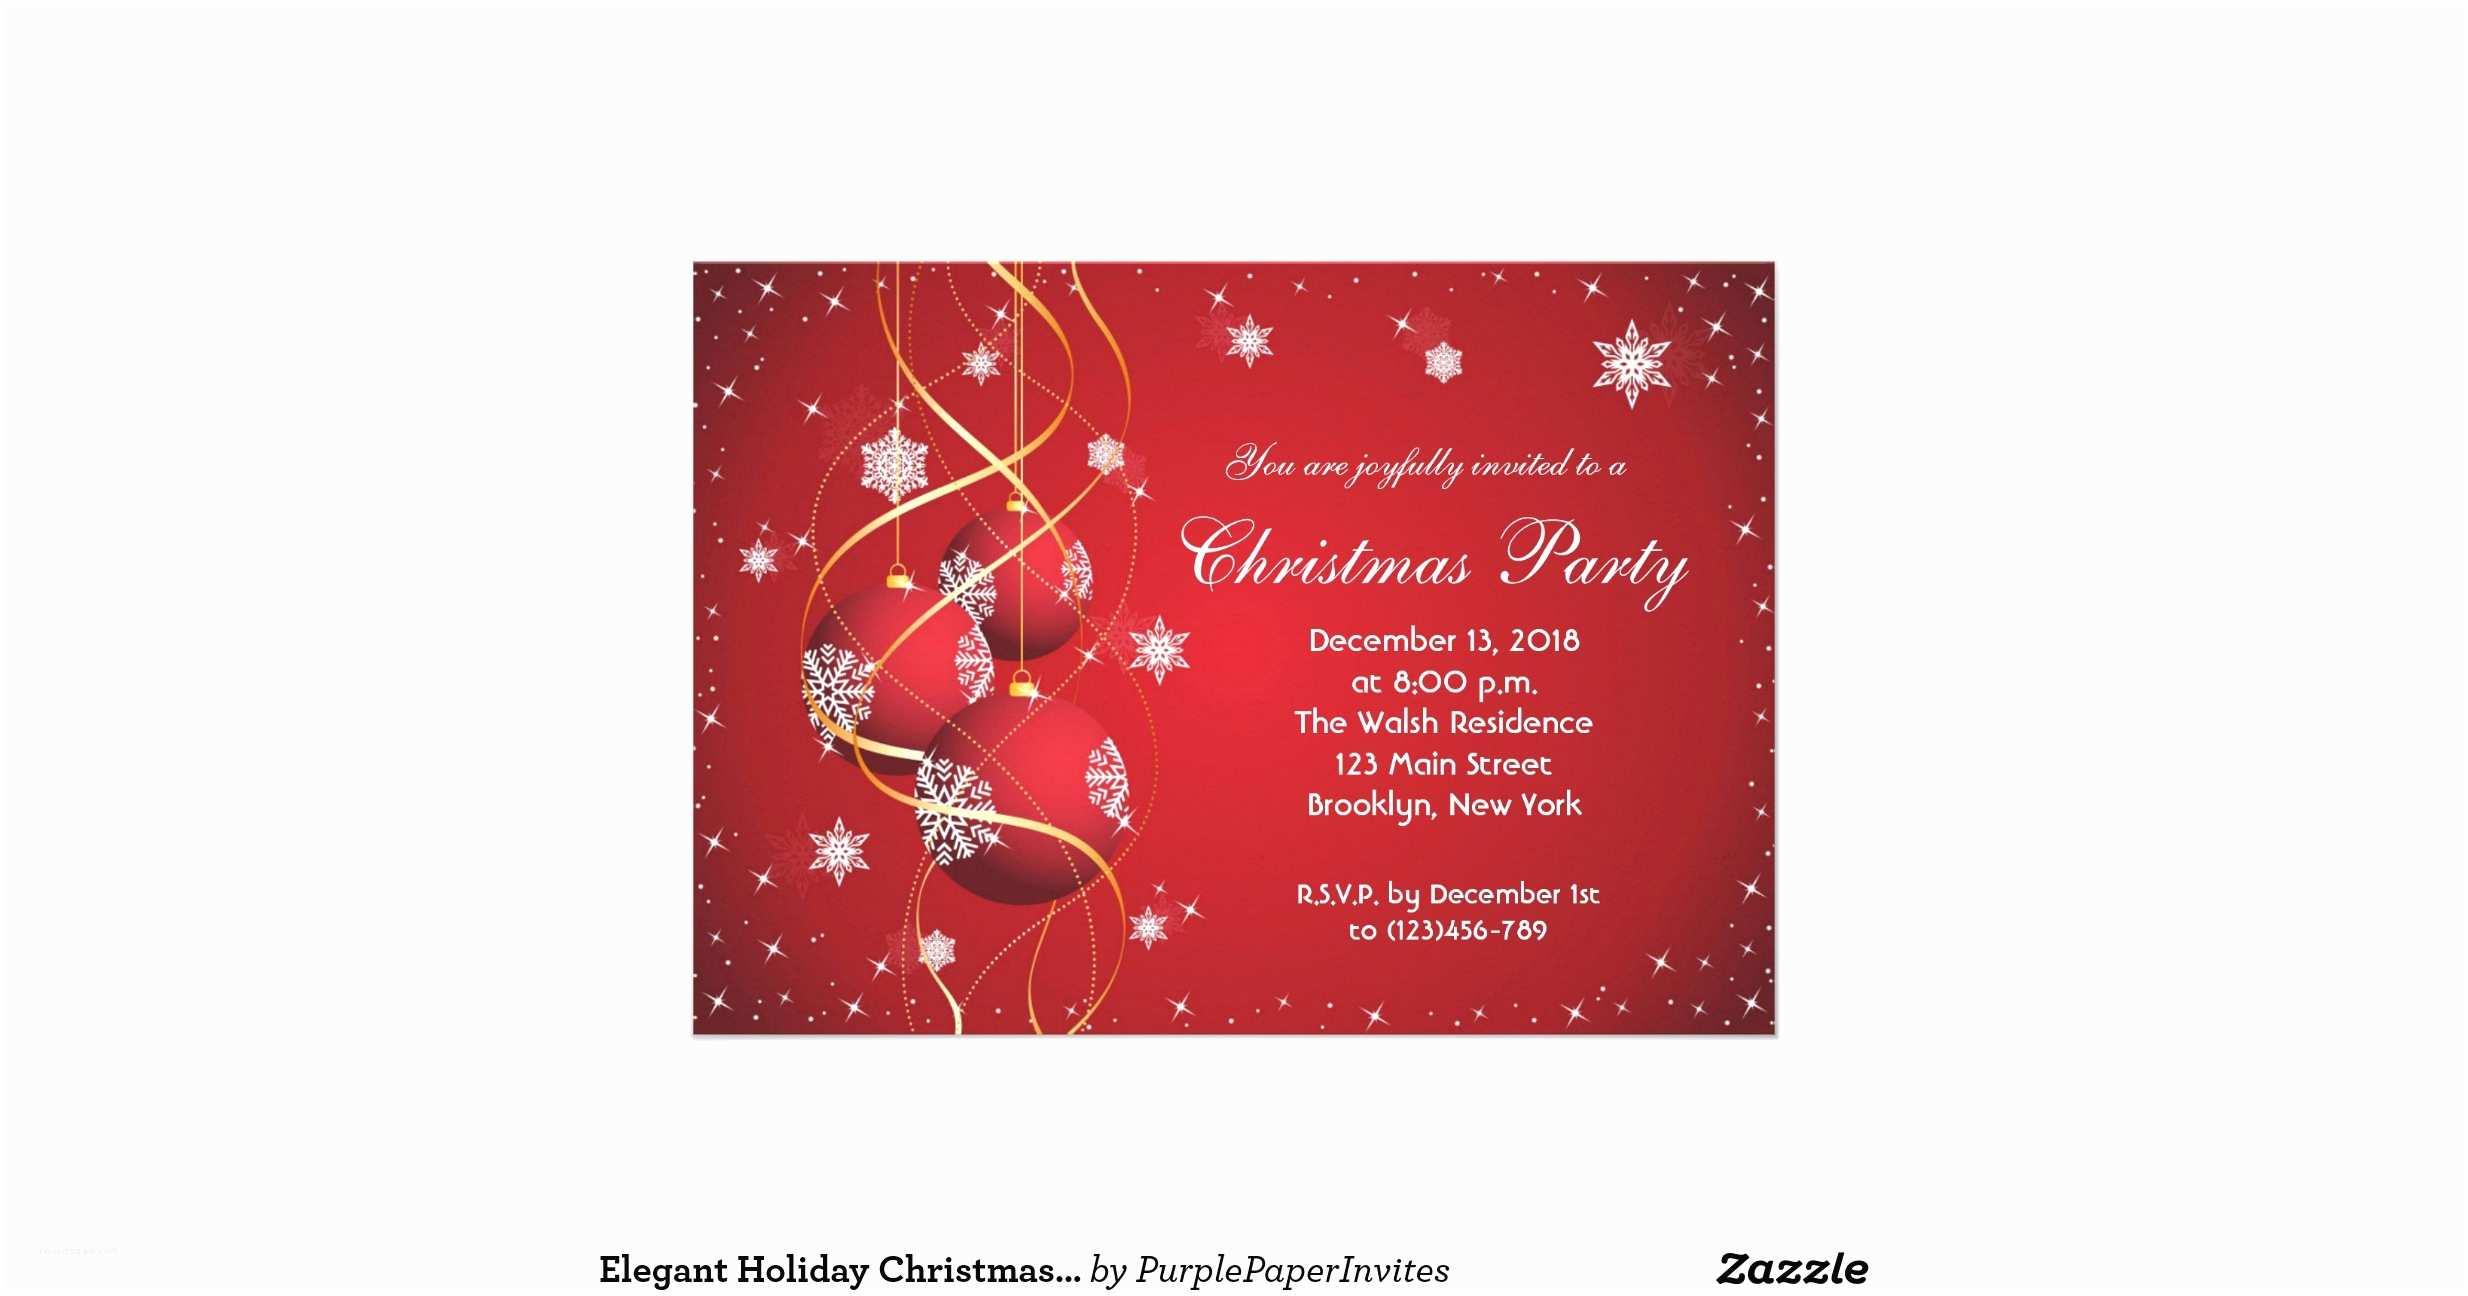 Elegant Christmas Party Invitations Elegant Holiday Christmas Party Invitation